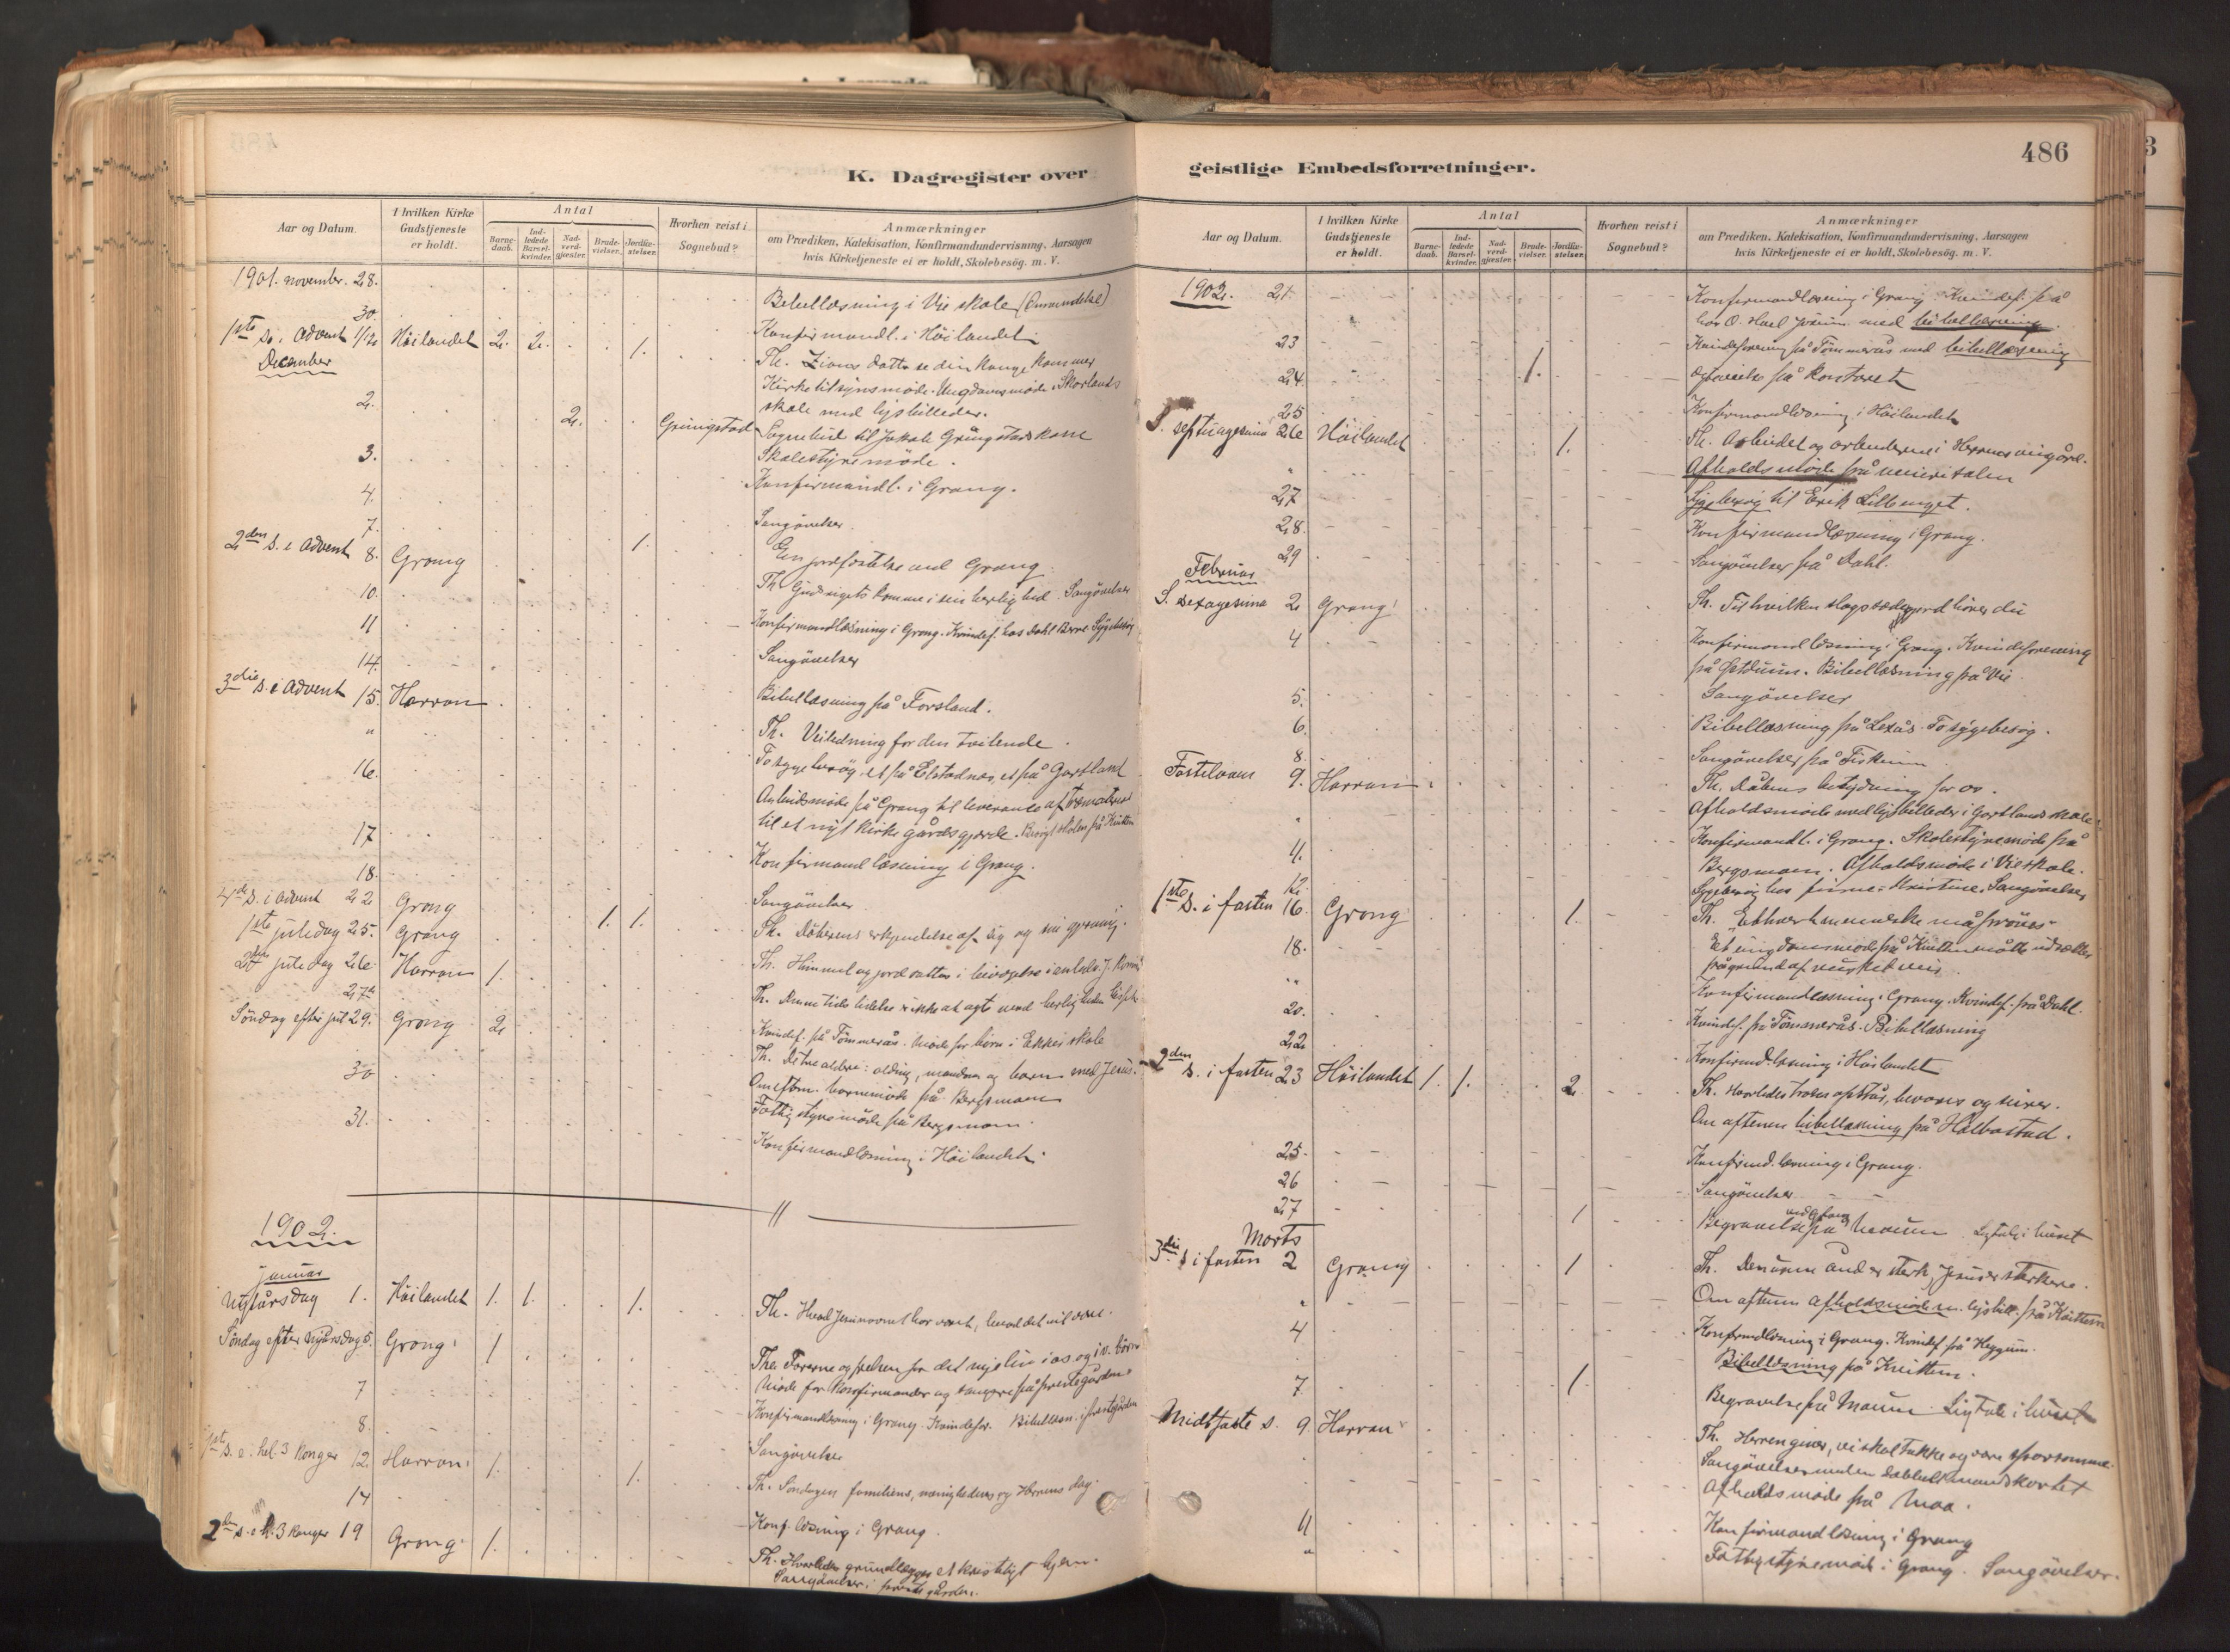 SAT, Ministerialprotokoller, klokkerbøker og fødselsregistre - Nord-Trøndelag, 758/L0519: Ministerialbok nr. 758A04, 1880-1926, s. 486